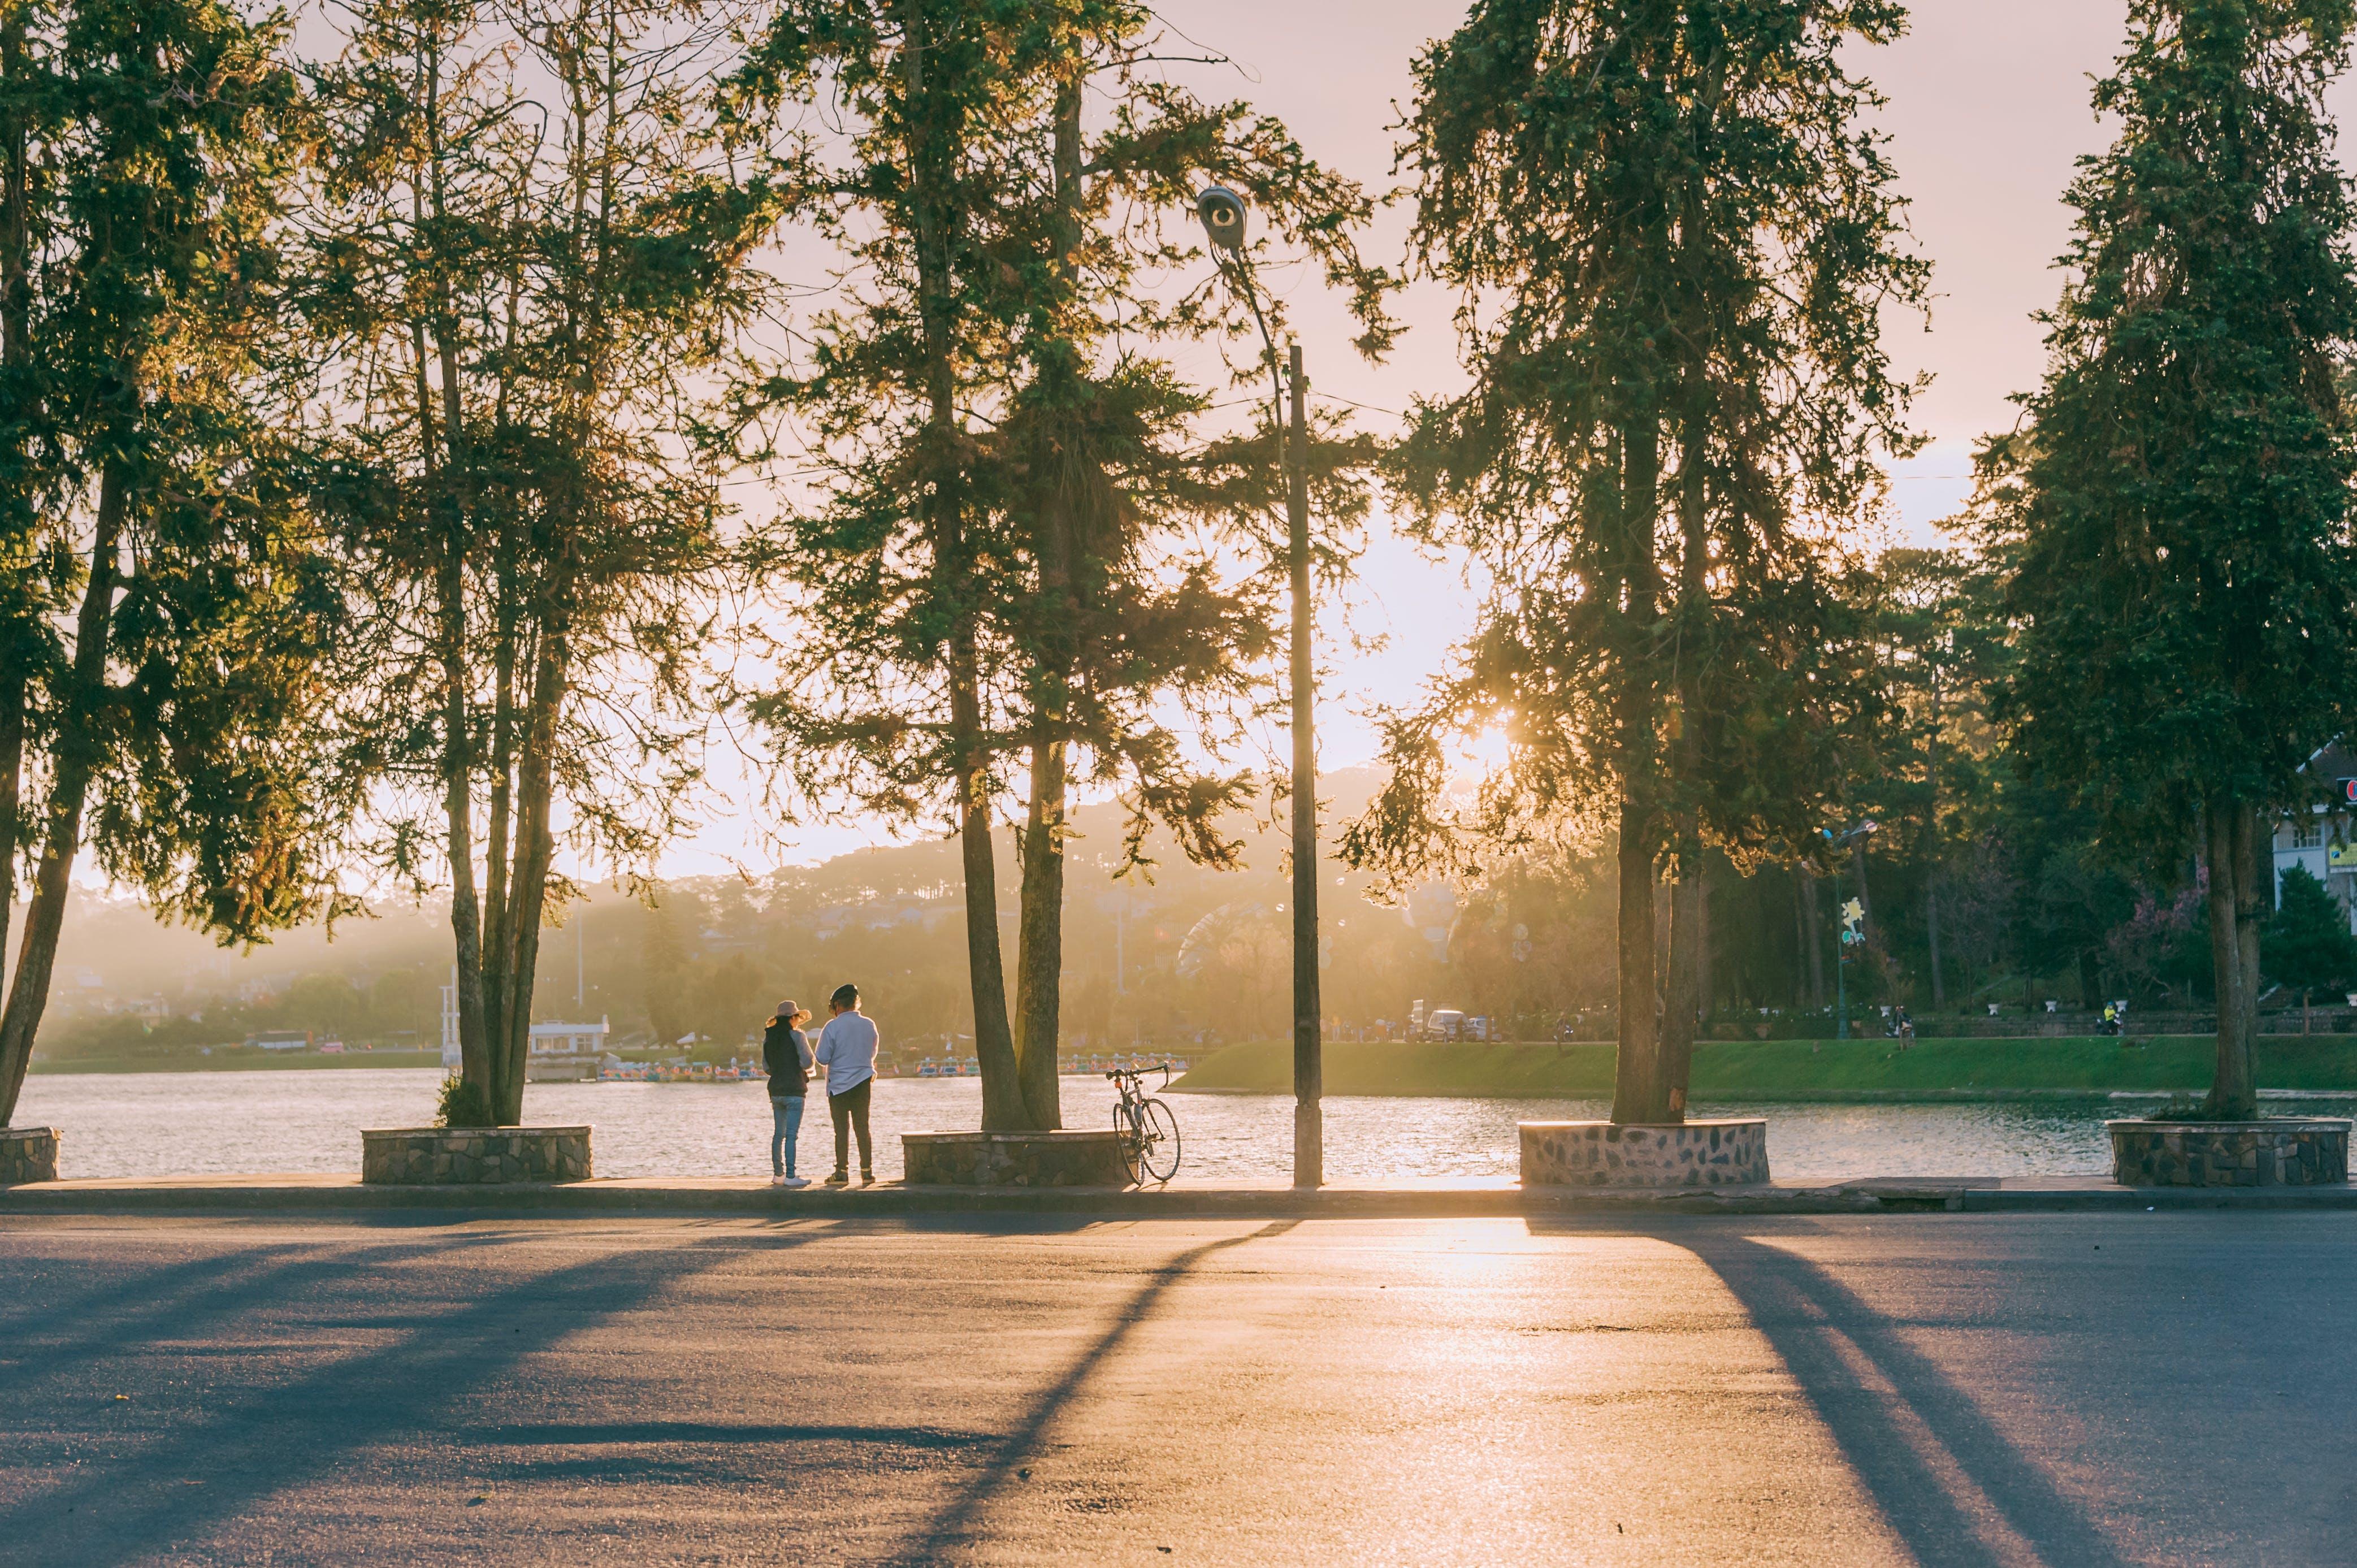 Δωρεάν στοκ φωτογραφιών με Ανατολή ηλίου, αυγή, δρόμος, δύση του ηλίου